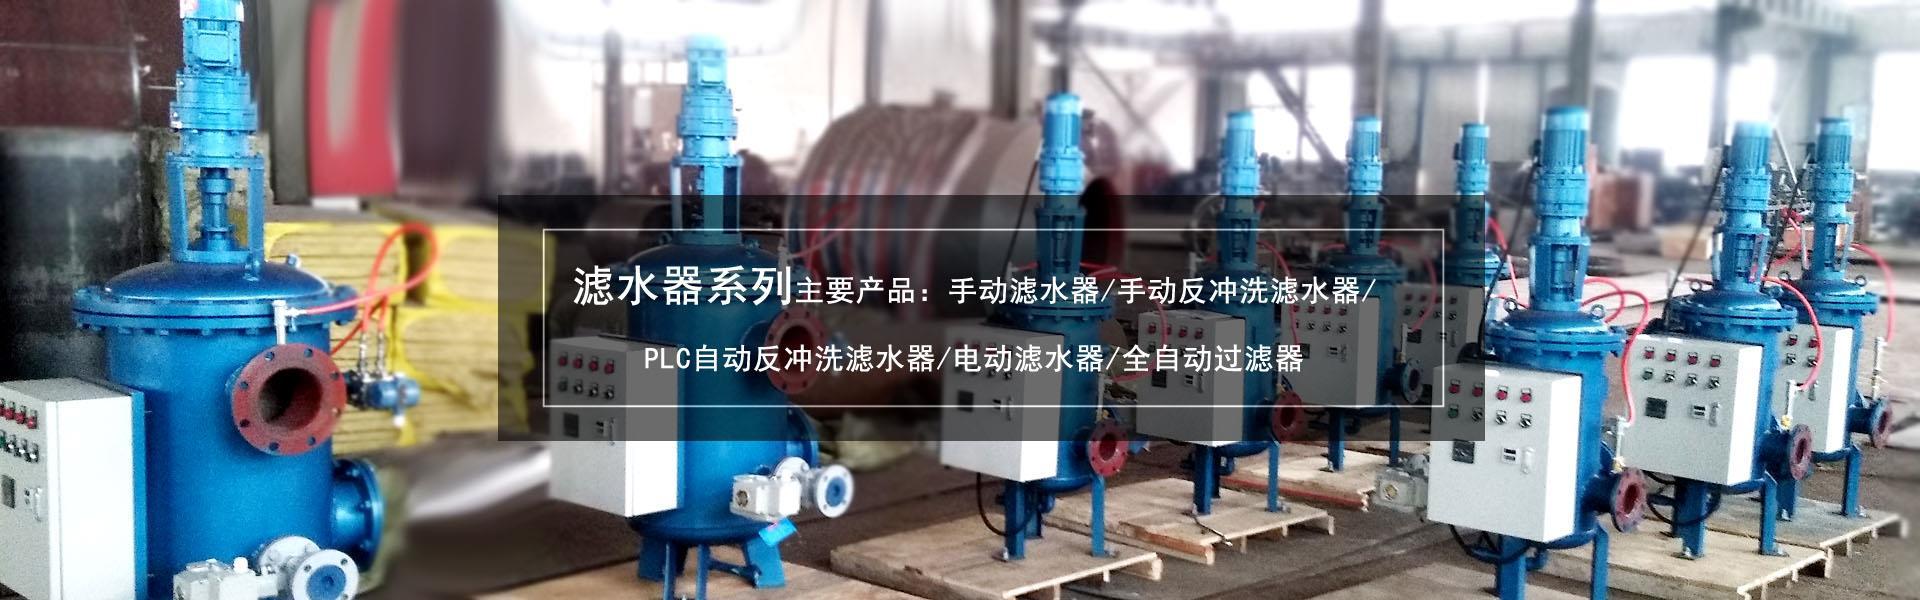 连云港市必威ti育shou页机械设备有限公司